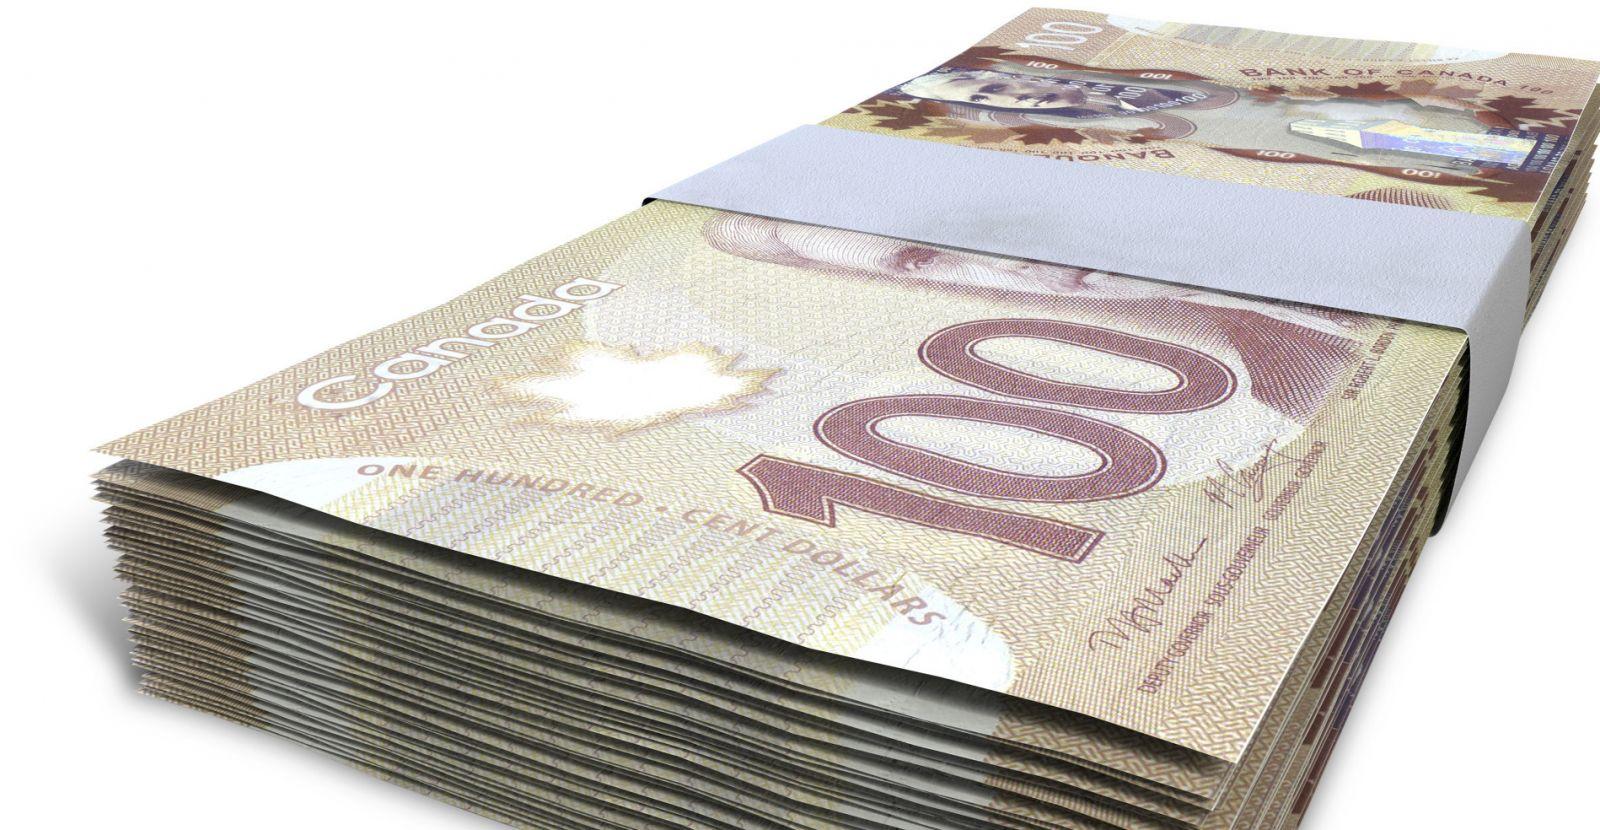 Hace Pocos Meses El Dólar Cananse Estuvo A La Par Del De Ee Uu Inclusive Algunos Días Lo Superó Pero Las Cosas Han Cambiado Algo Que Perjudica